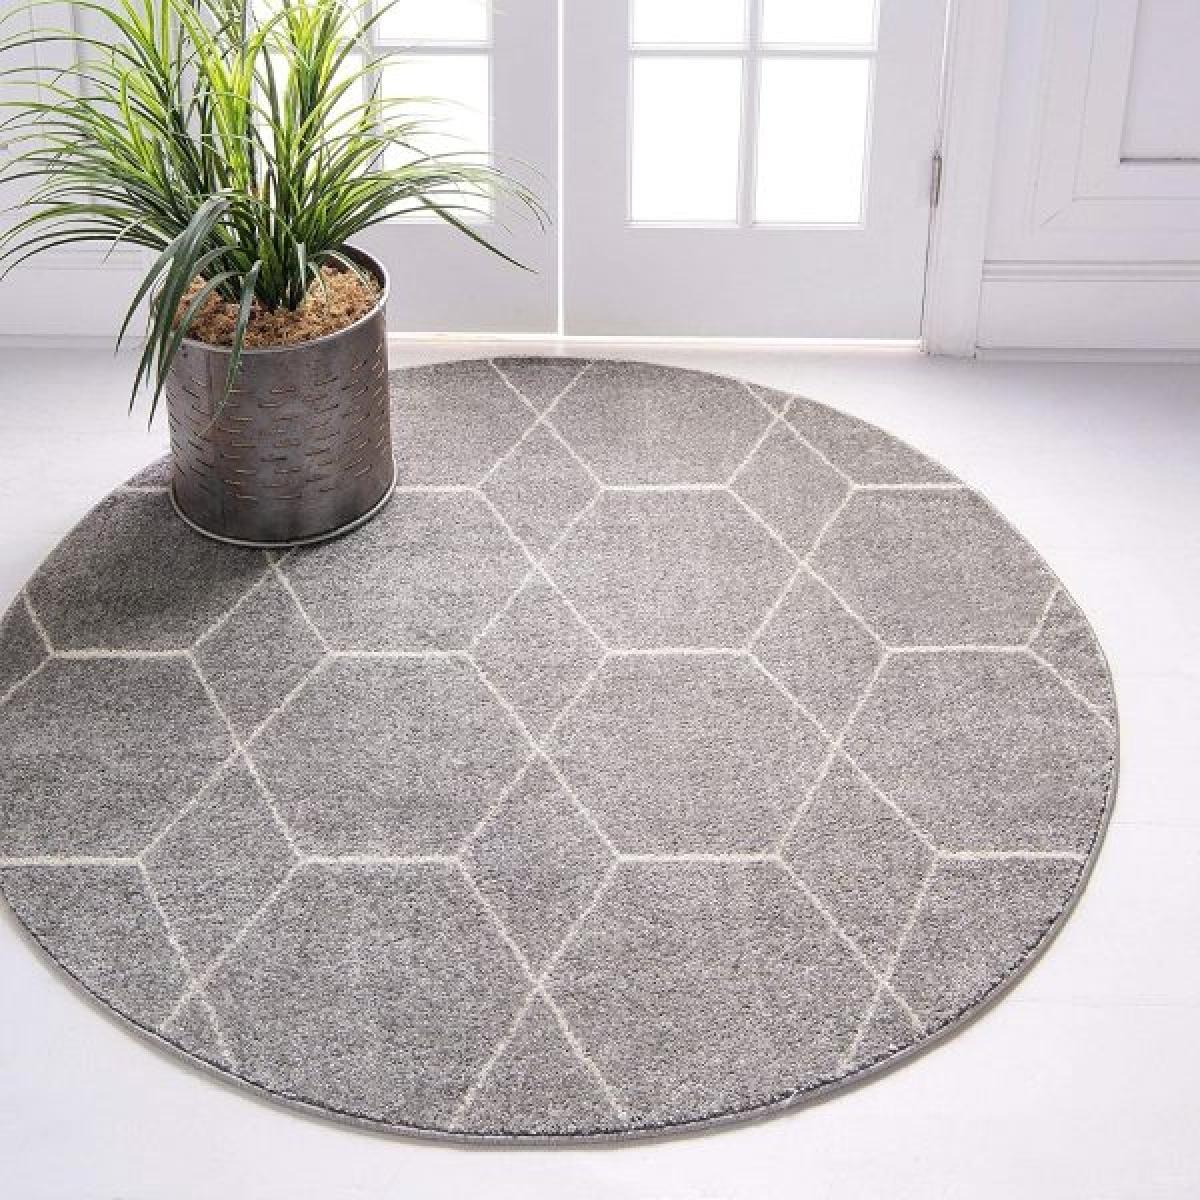 Thảm tròn màu xám nhạt hoạ tiết hình học với tông màu trung tính phù hợp với nhiều kiểu trang trí.